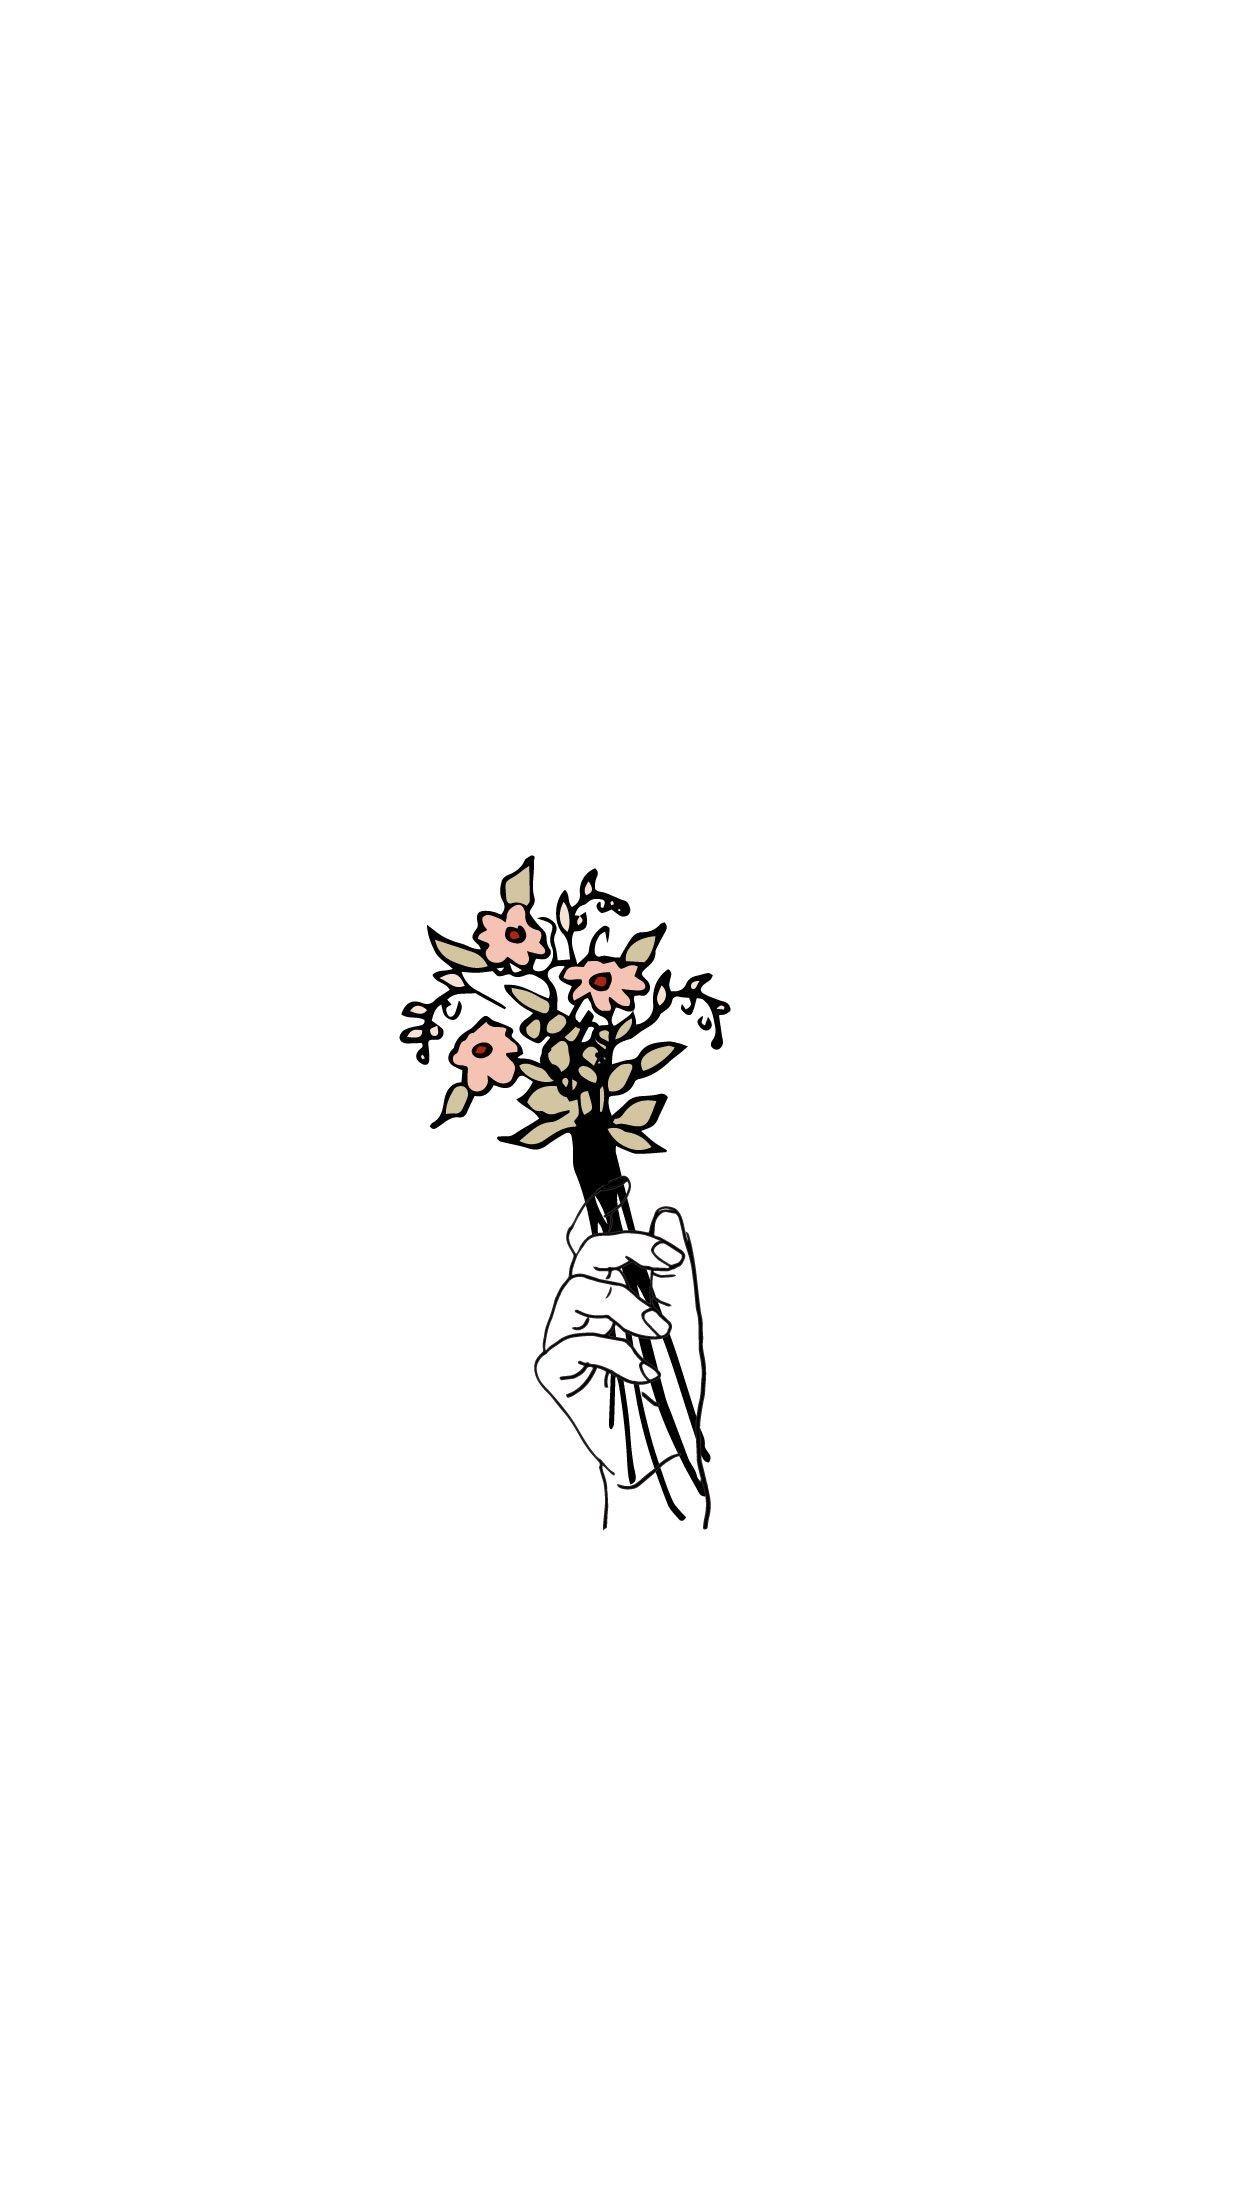 Pin De Naura En Mood En 2020 Dibujos Faciles De Tumblr Fondos De Escritorio Minimalista Fondos De Pantalla Esteticos